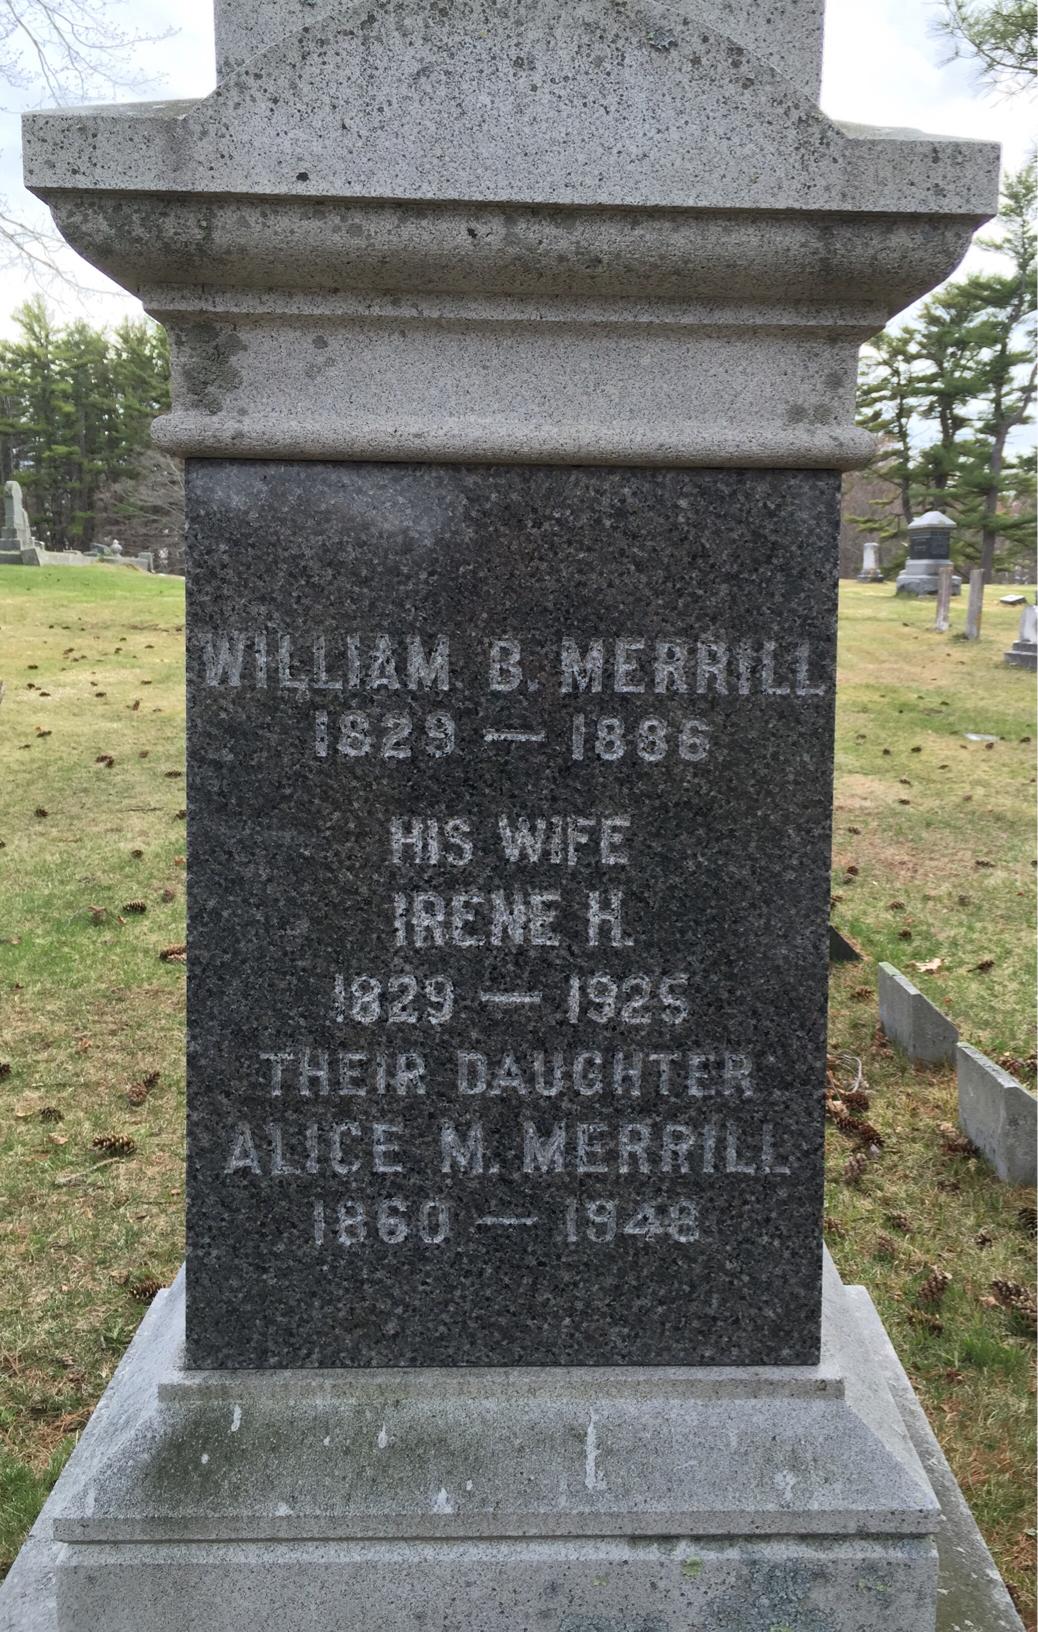 Alice M. Merrill